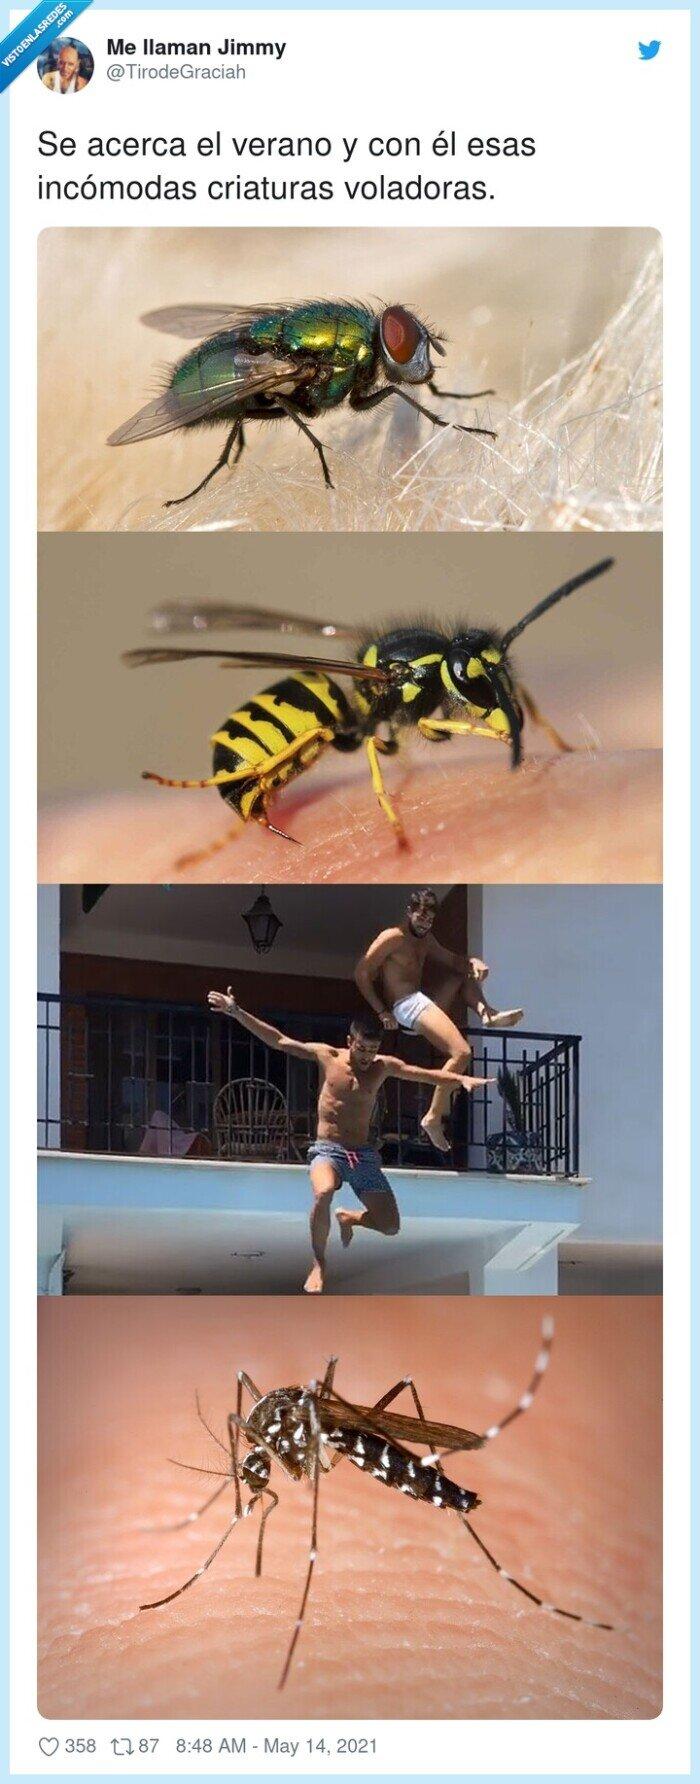 balconing,criaturas,incómodas,insectos,verano,voladoras